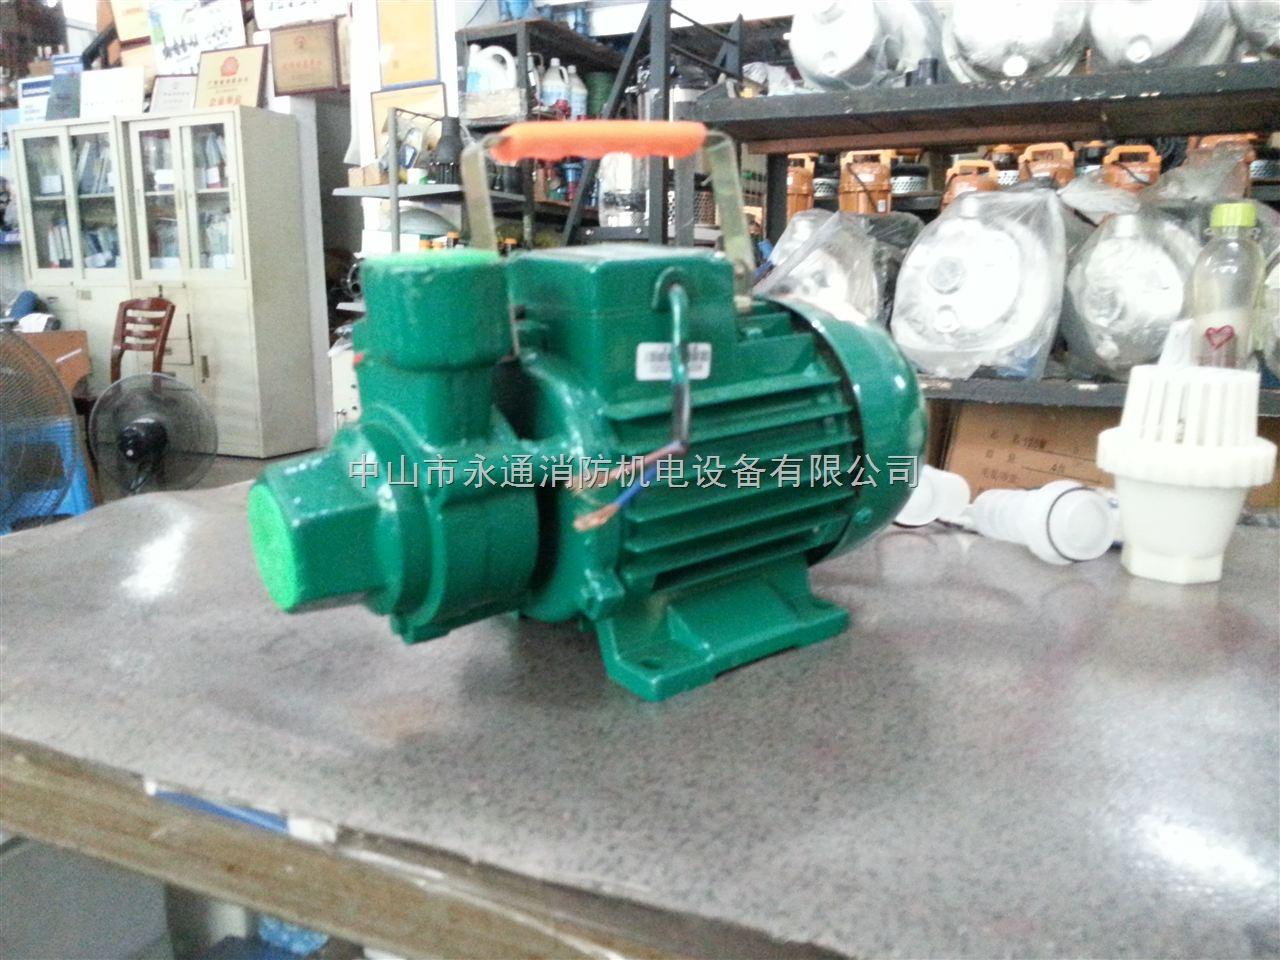 1db-35清水泵 广东凌霄泵业1db-35单相家用增压冷水清